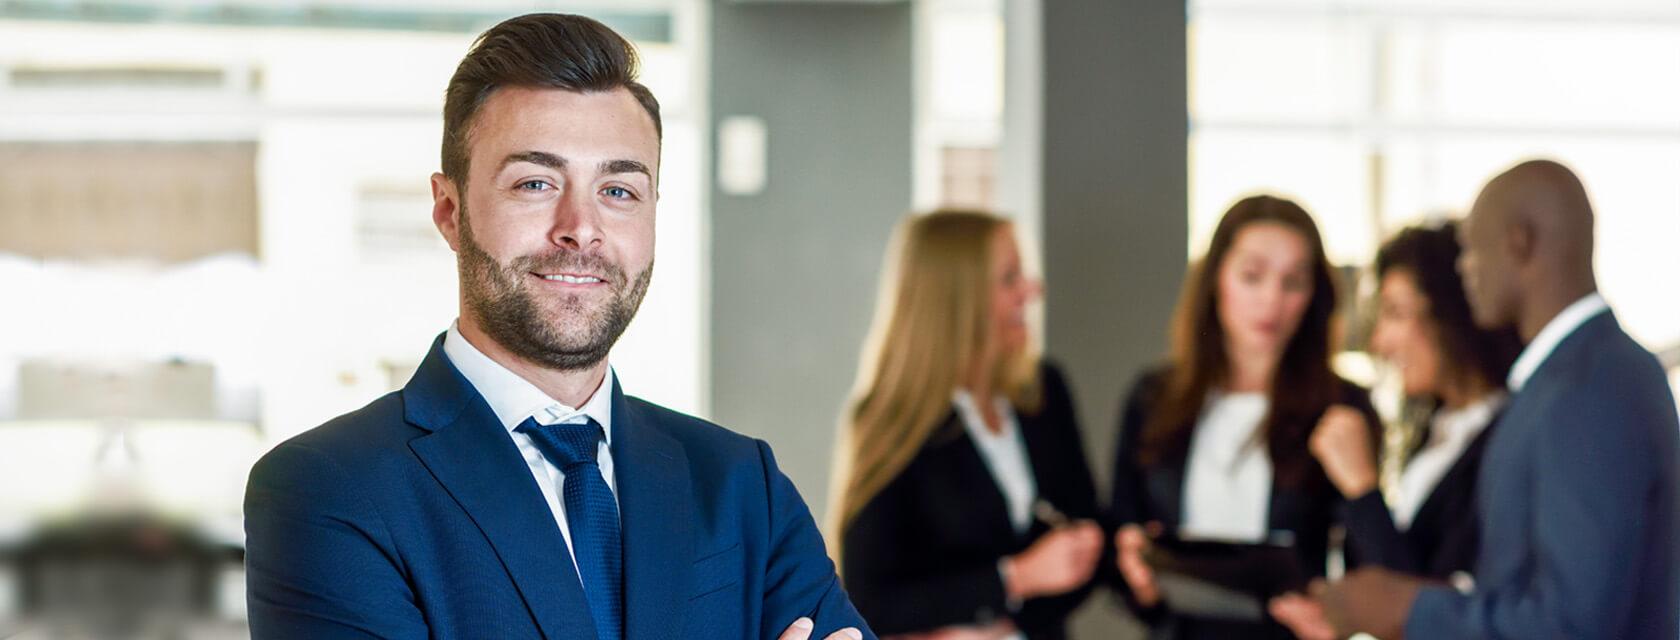 Asesoramiento jurídico a empresas